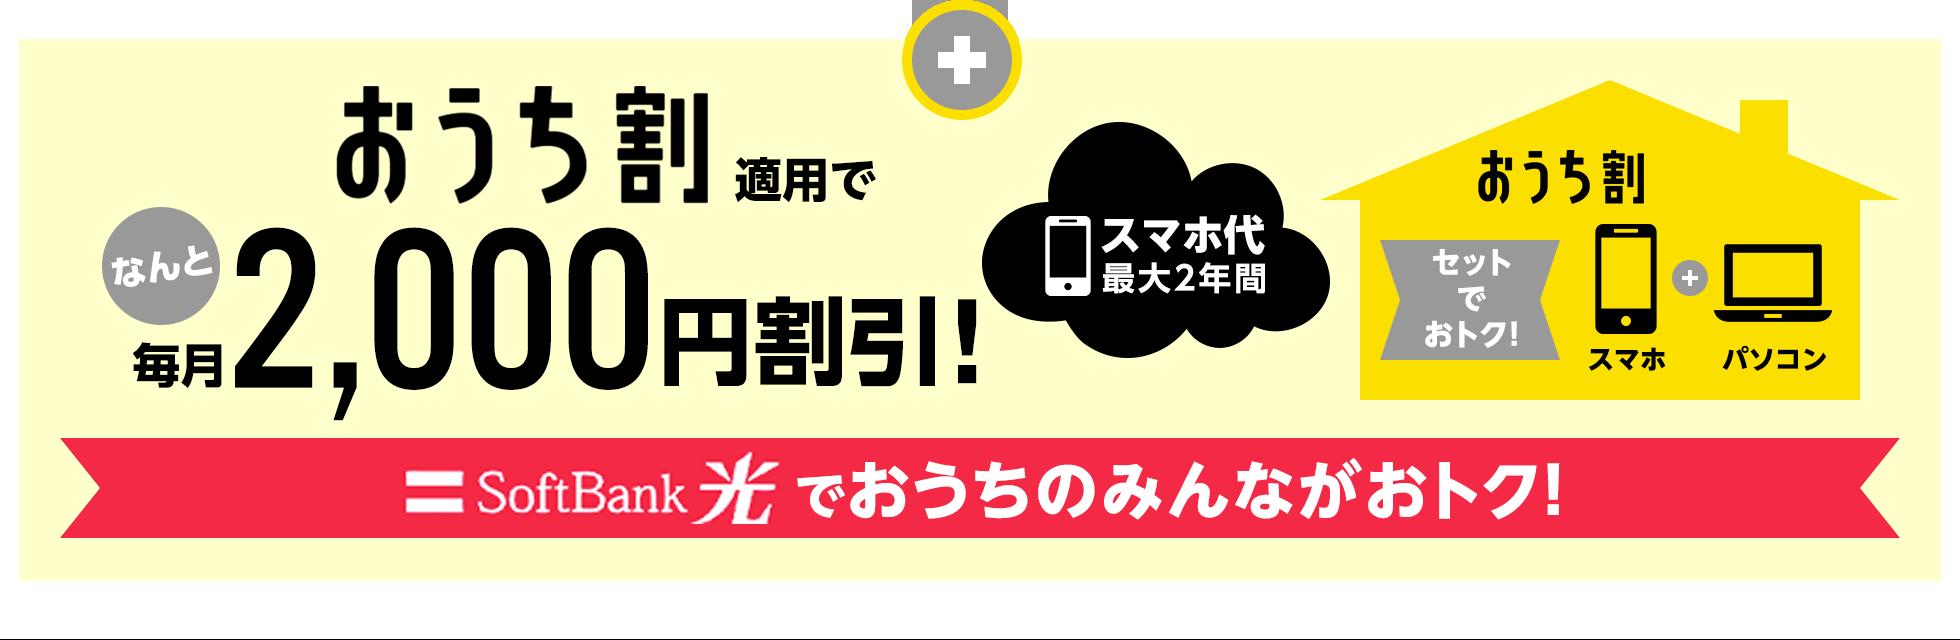 おうち割適用でなんと毎月2,000円割引!